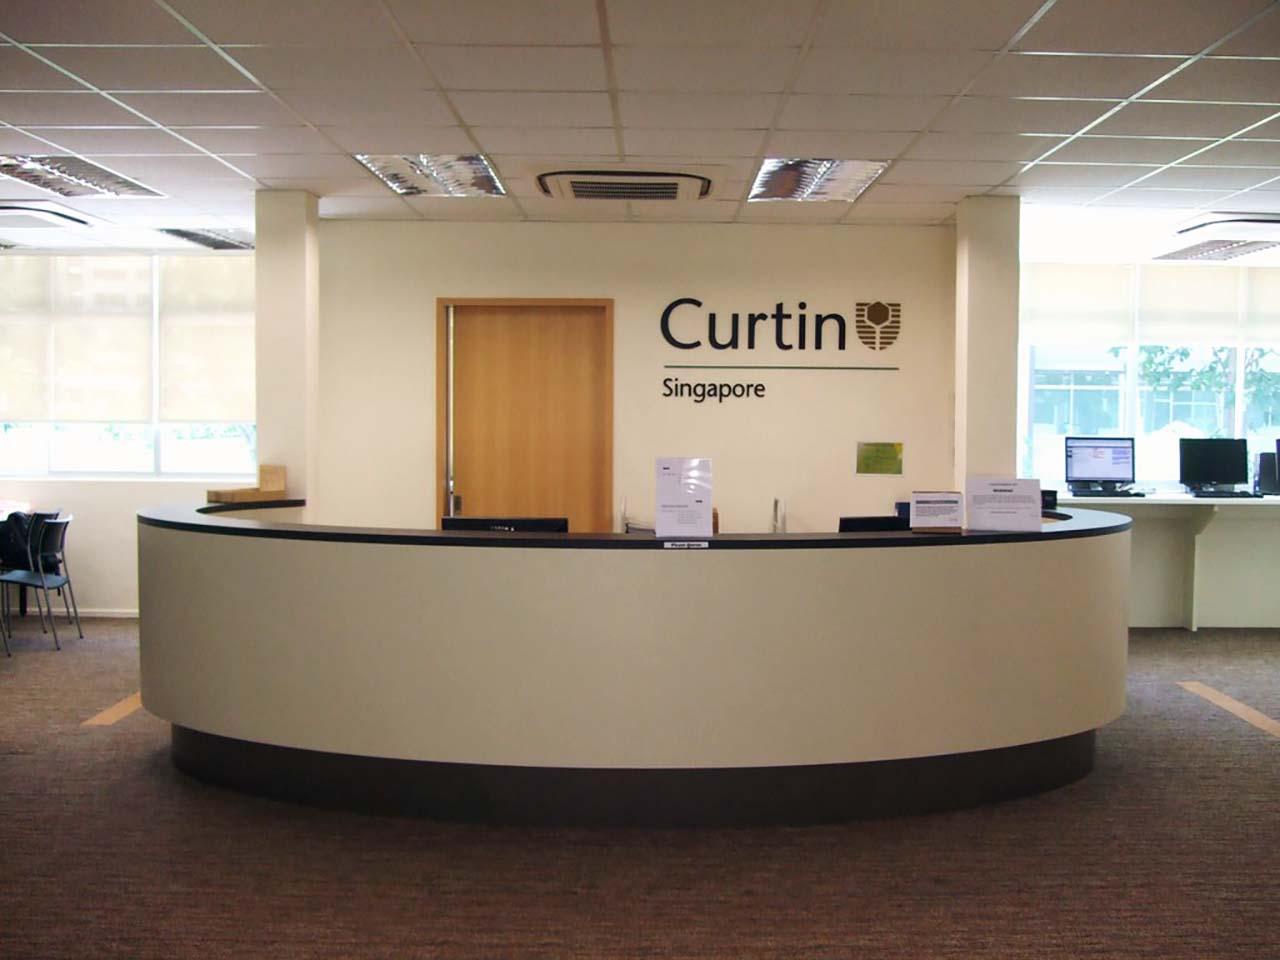 Ông Hưng đã làm hồ sơ cho con mình tại Công ty du học INEC và sau khi đã hoàn tất thủ tục nhập học tại trường Đại học Công lập Curtin Singapore, ông Hưng có một chút kinh nghiệm muốn chia sẻ với các em cũng như phụ huynh về du học Singapore cũng như Đại học Công lập Curtin.